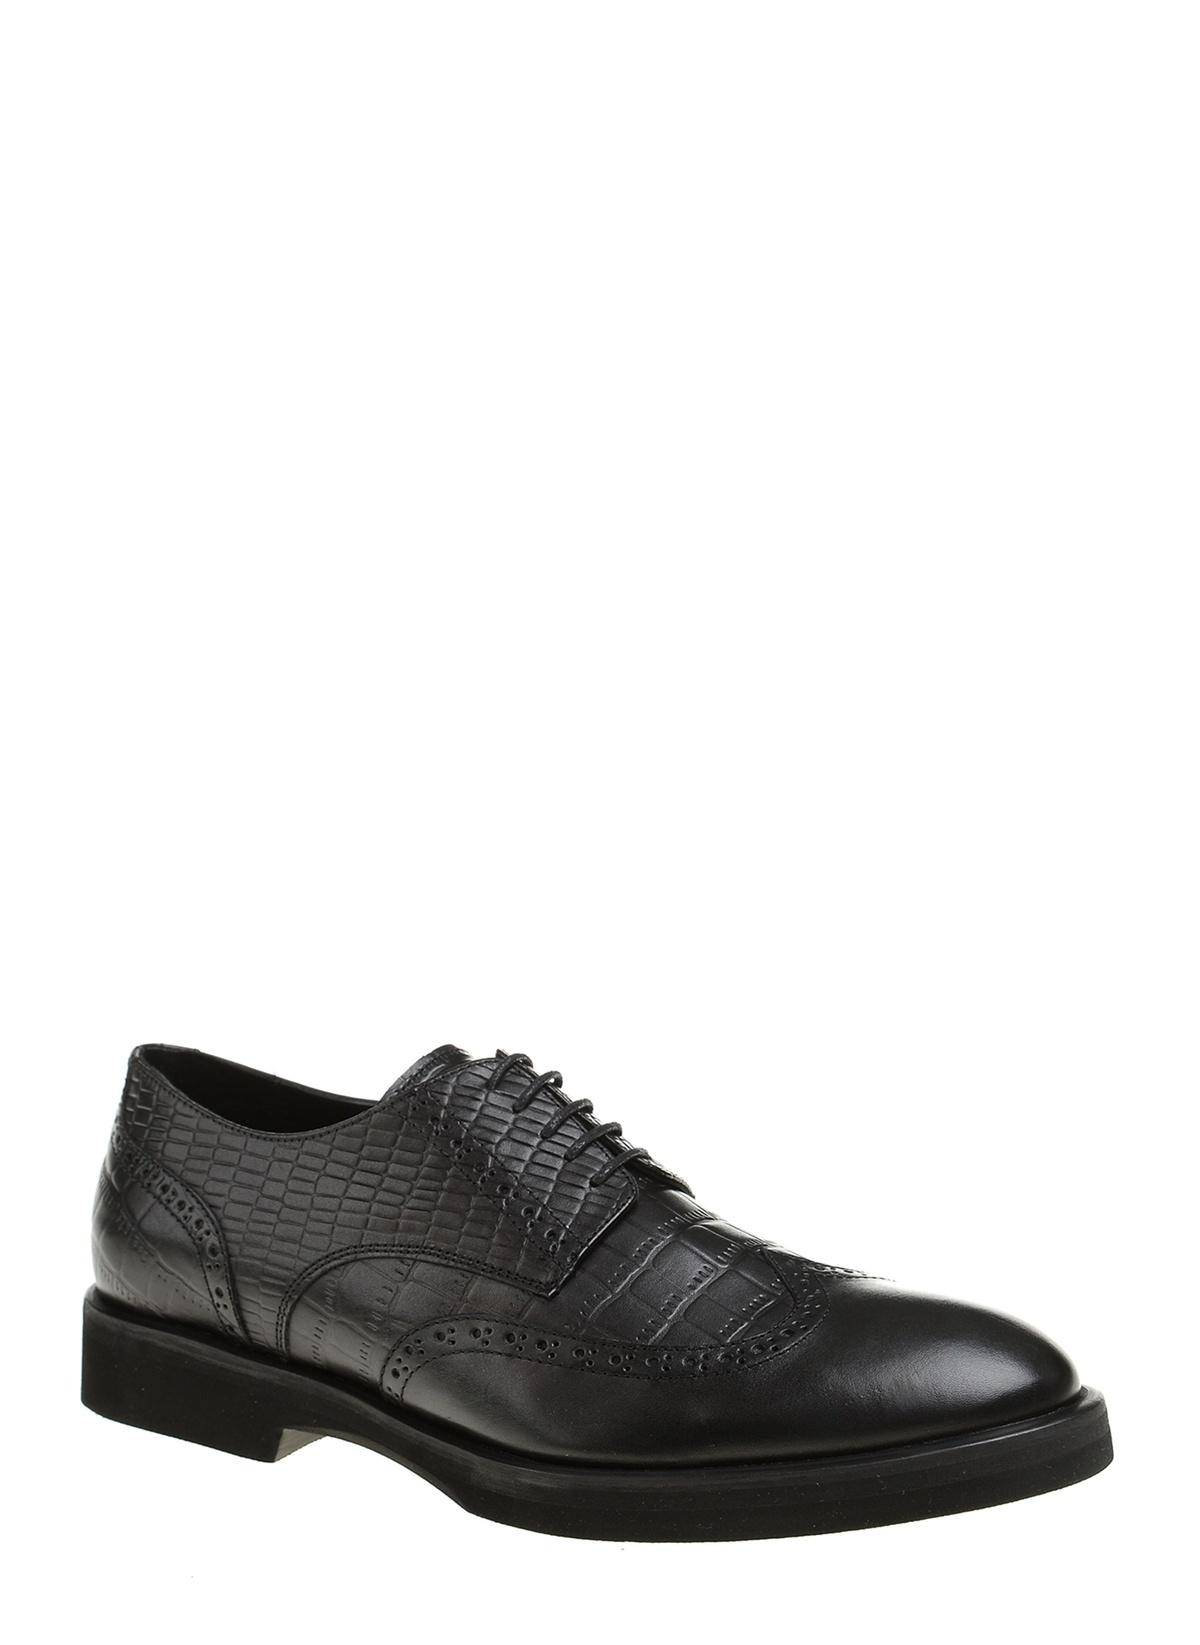 Divarese %100 Deri Oxford Ayakkabı 5020381 E Ayakkabı – 249.0 TL